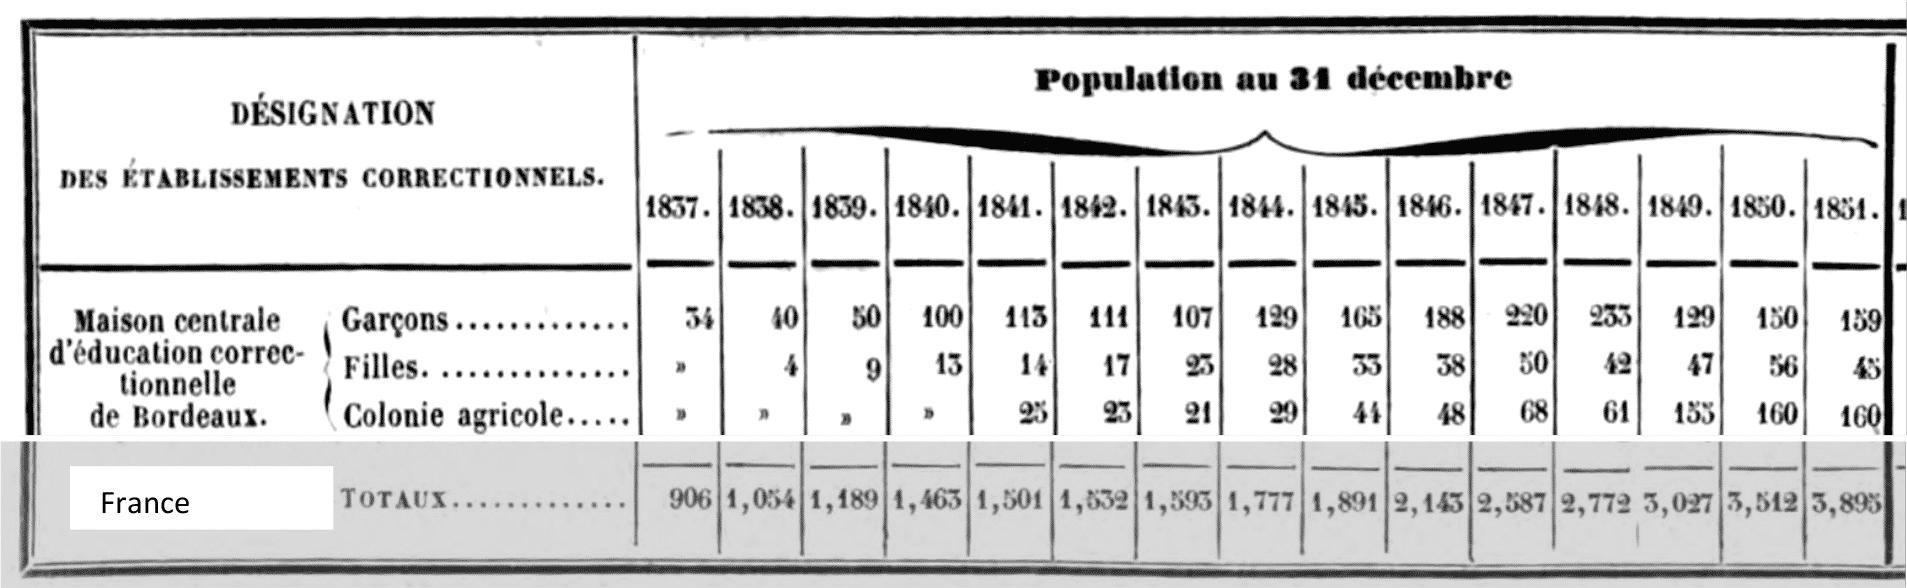 Tableau 3. Population des enfants détenus à Bordeaux 1837-1851 (Bucquet Paul, « Tableau de la situation morale et matérielle… », op. cit., p. 54).